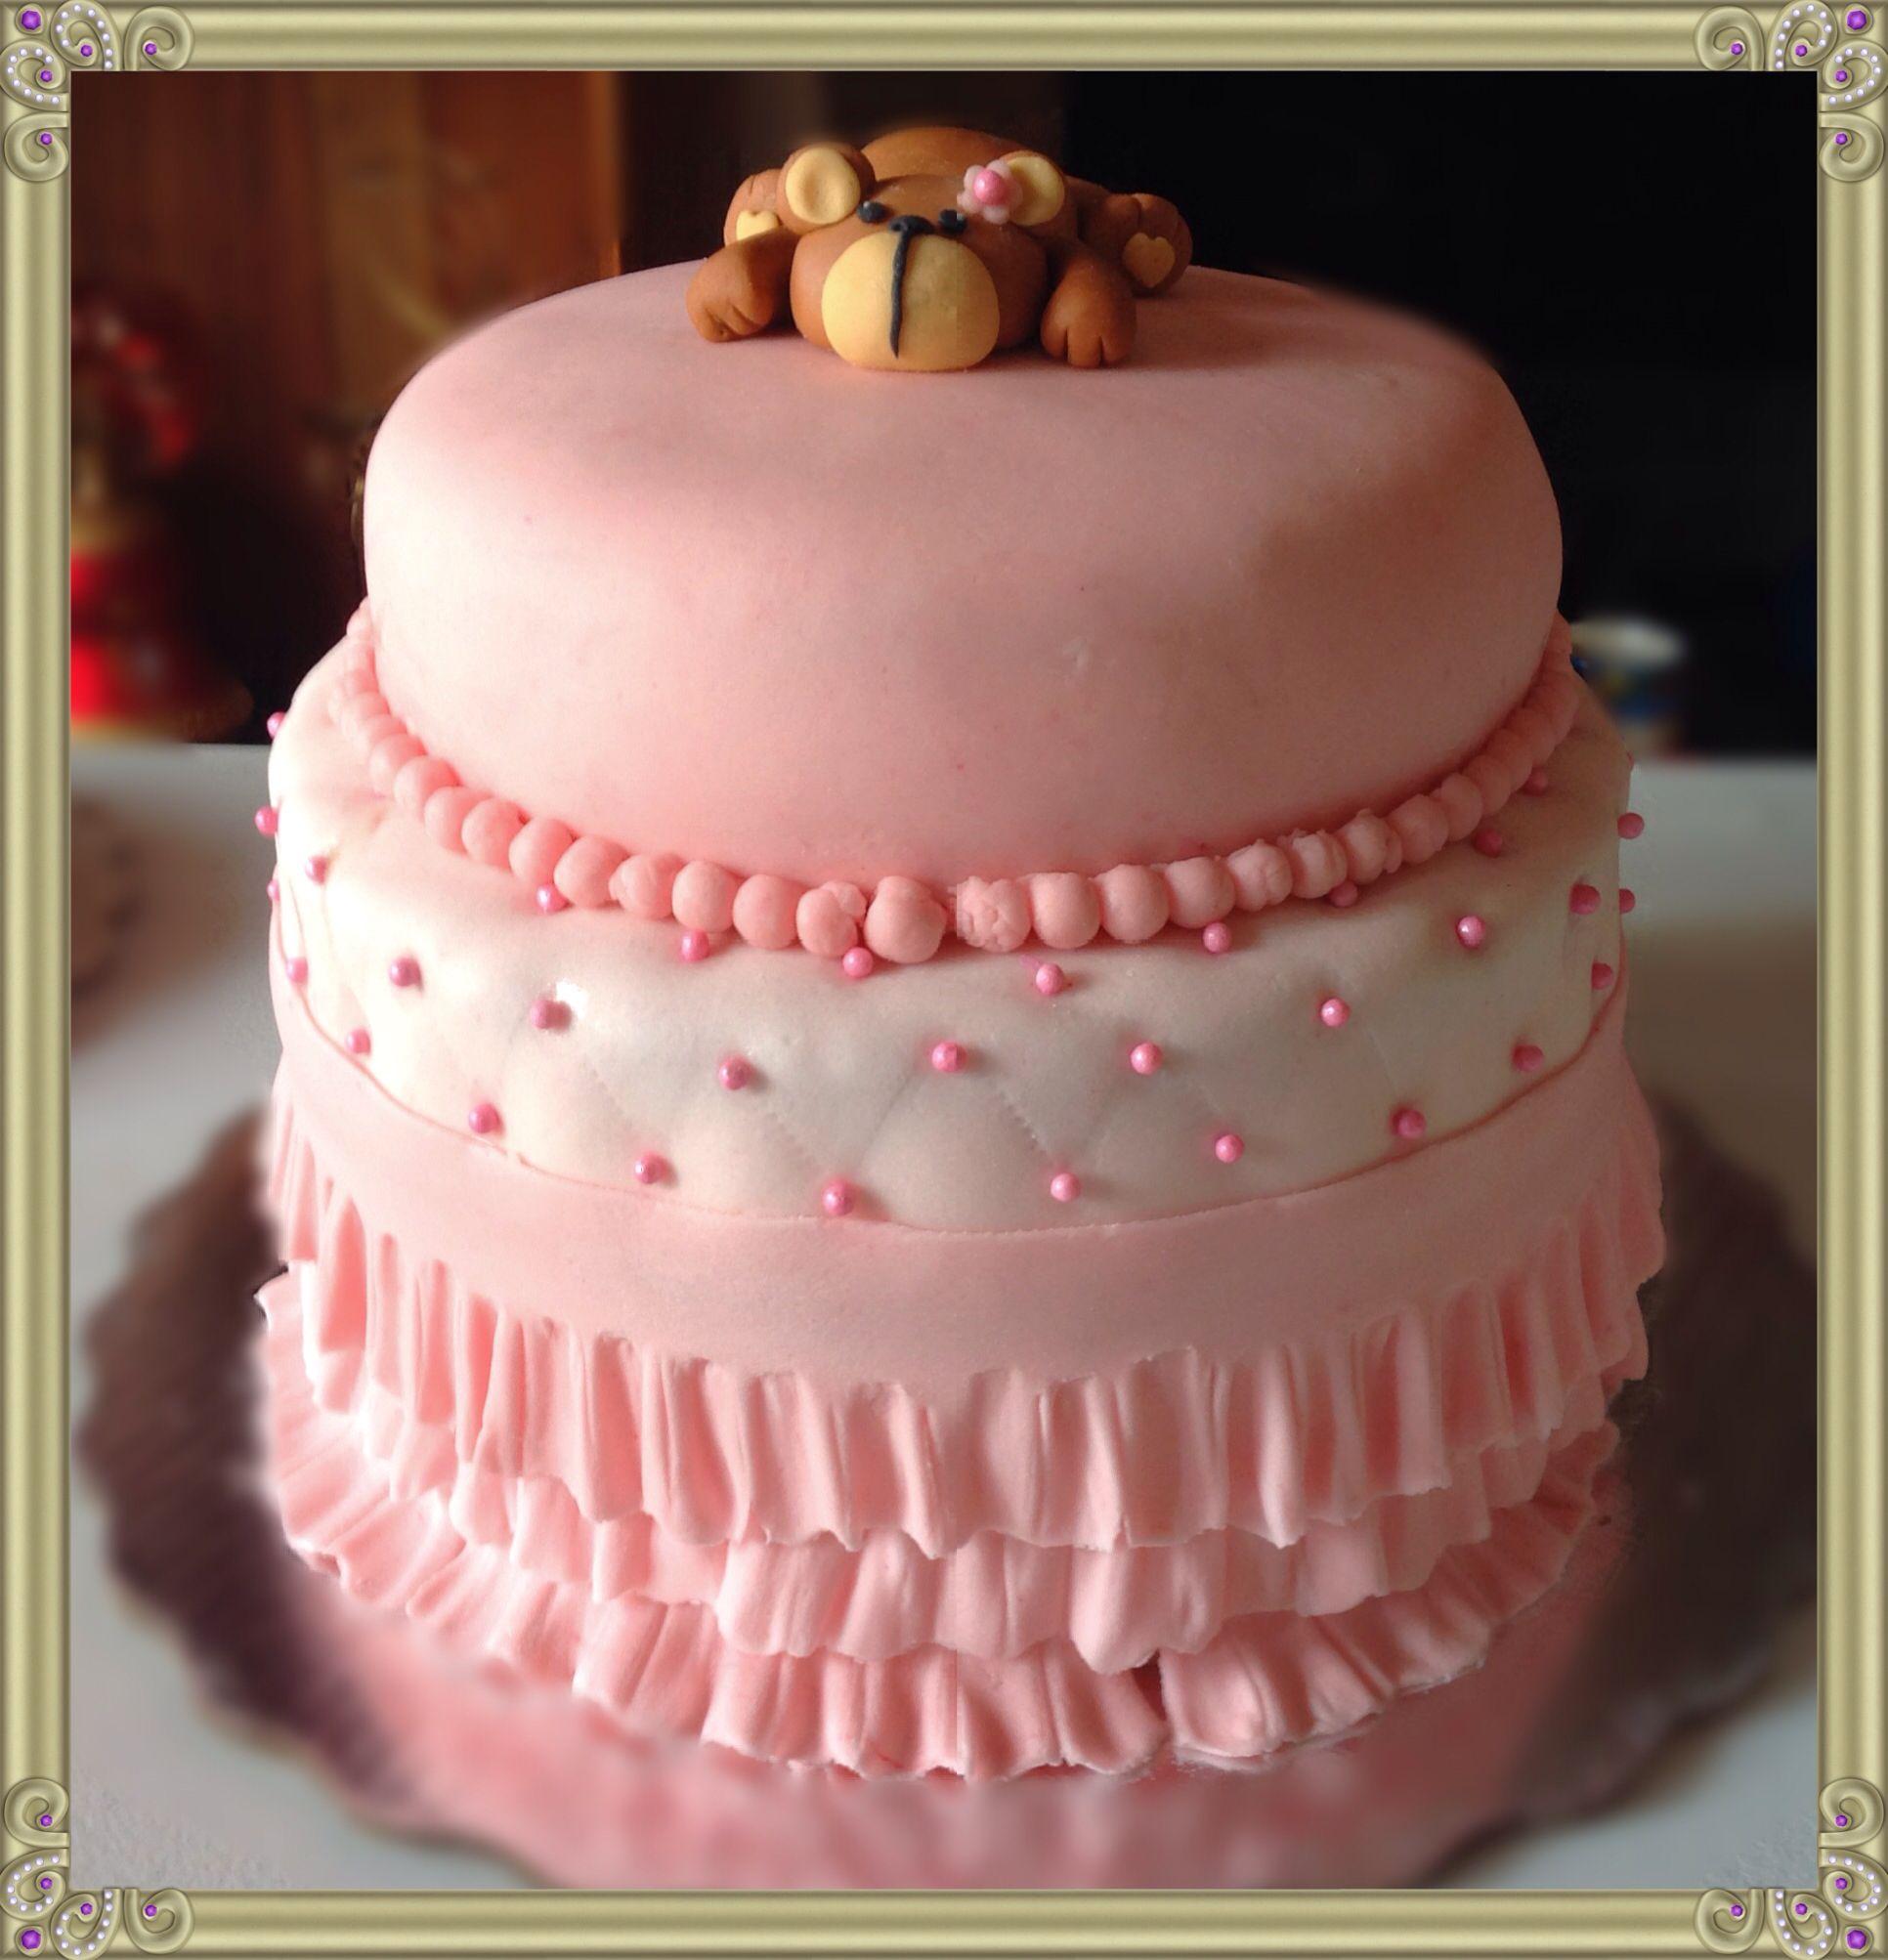 Hermoso Pastel Para Un Elegante Baby Shower Con Olanes Y Una Hermosa Osita,  Fondant Cake